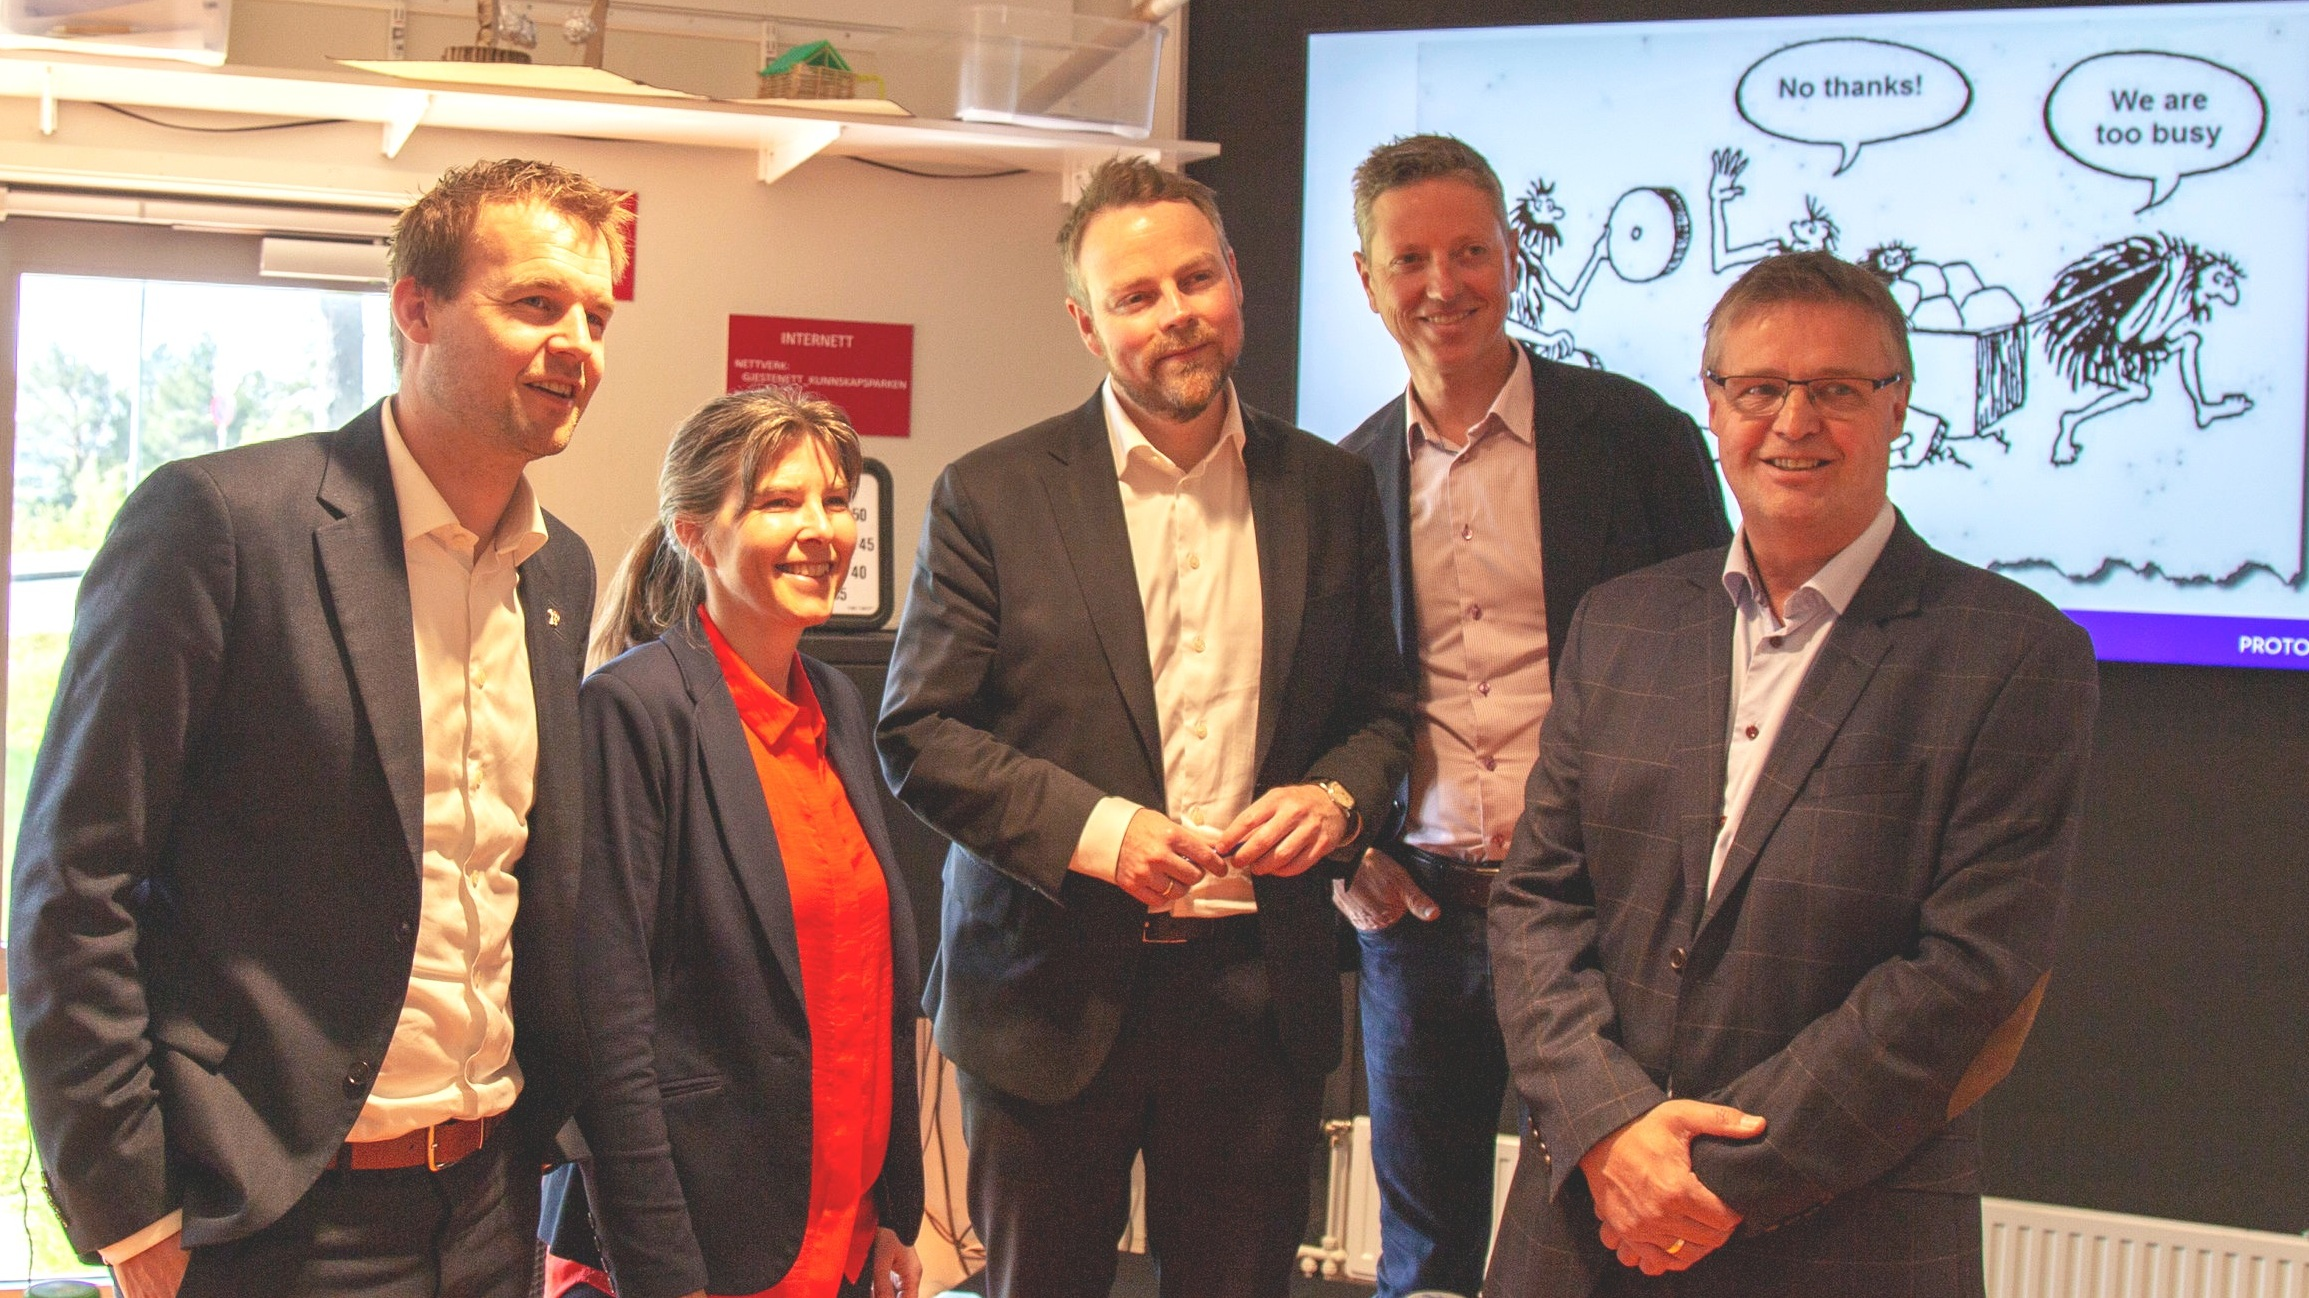 Fra venstre: Kjell Ingolf Ropstad, barne- og familieminister, Hilde Aspås, daglig leder NCE iKuben, Torbjørn Røe Isaksen, næringsminister, Sjur Vindal, forretningutvikler Protomore og Arne Larsen, prosjektleder NCE iKuben.